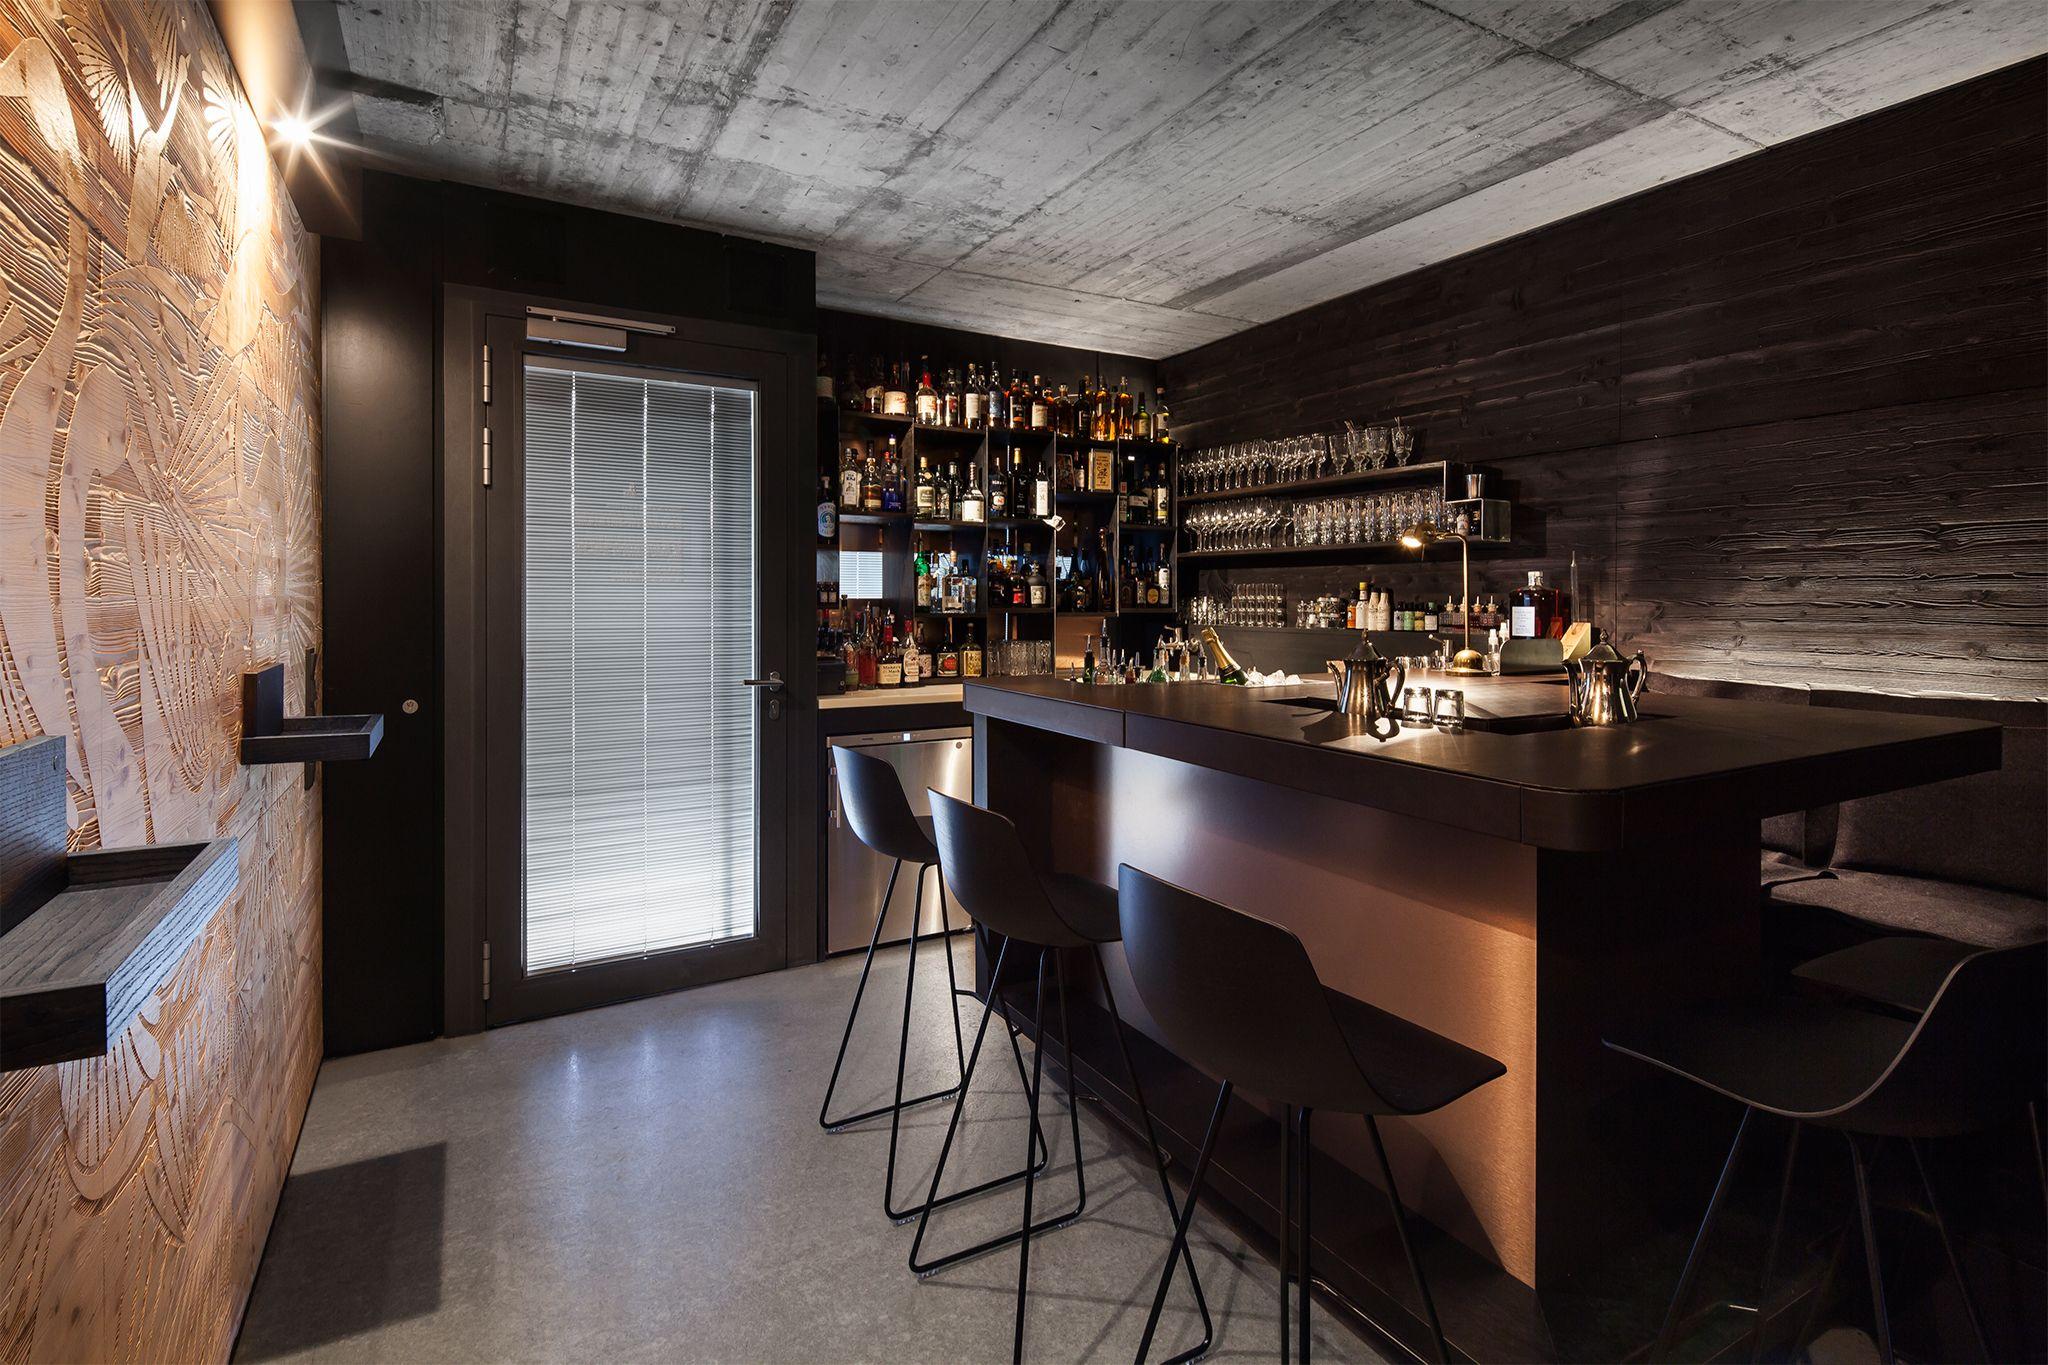 Design Studio Berlin fortress design studio berlin interior design for seven